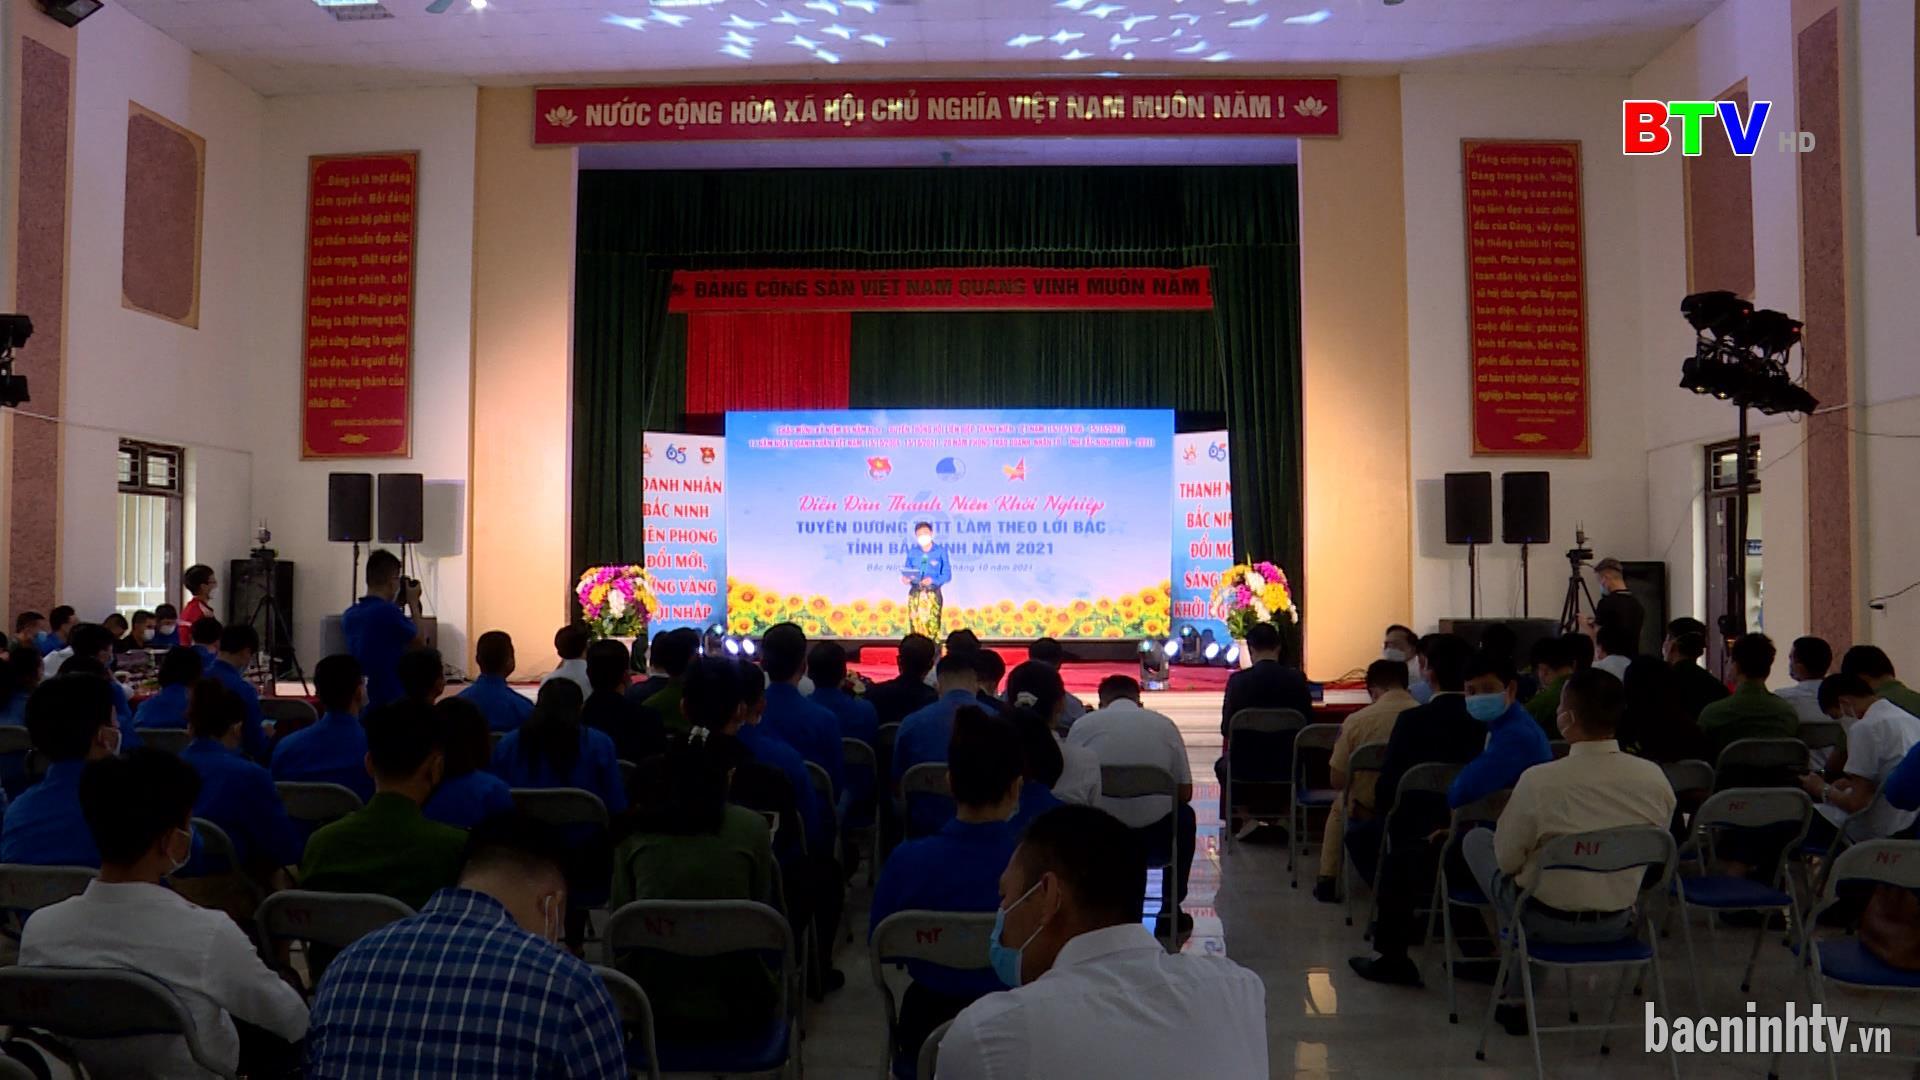 Kỷ niệm 65 ngày truyền thống Hội Liên hiệp Thanh niên Việt Nam